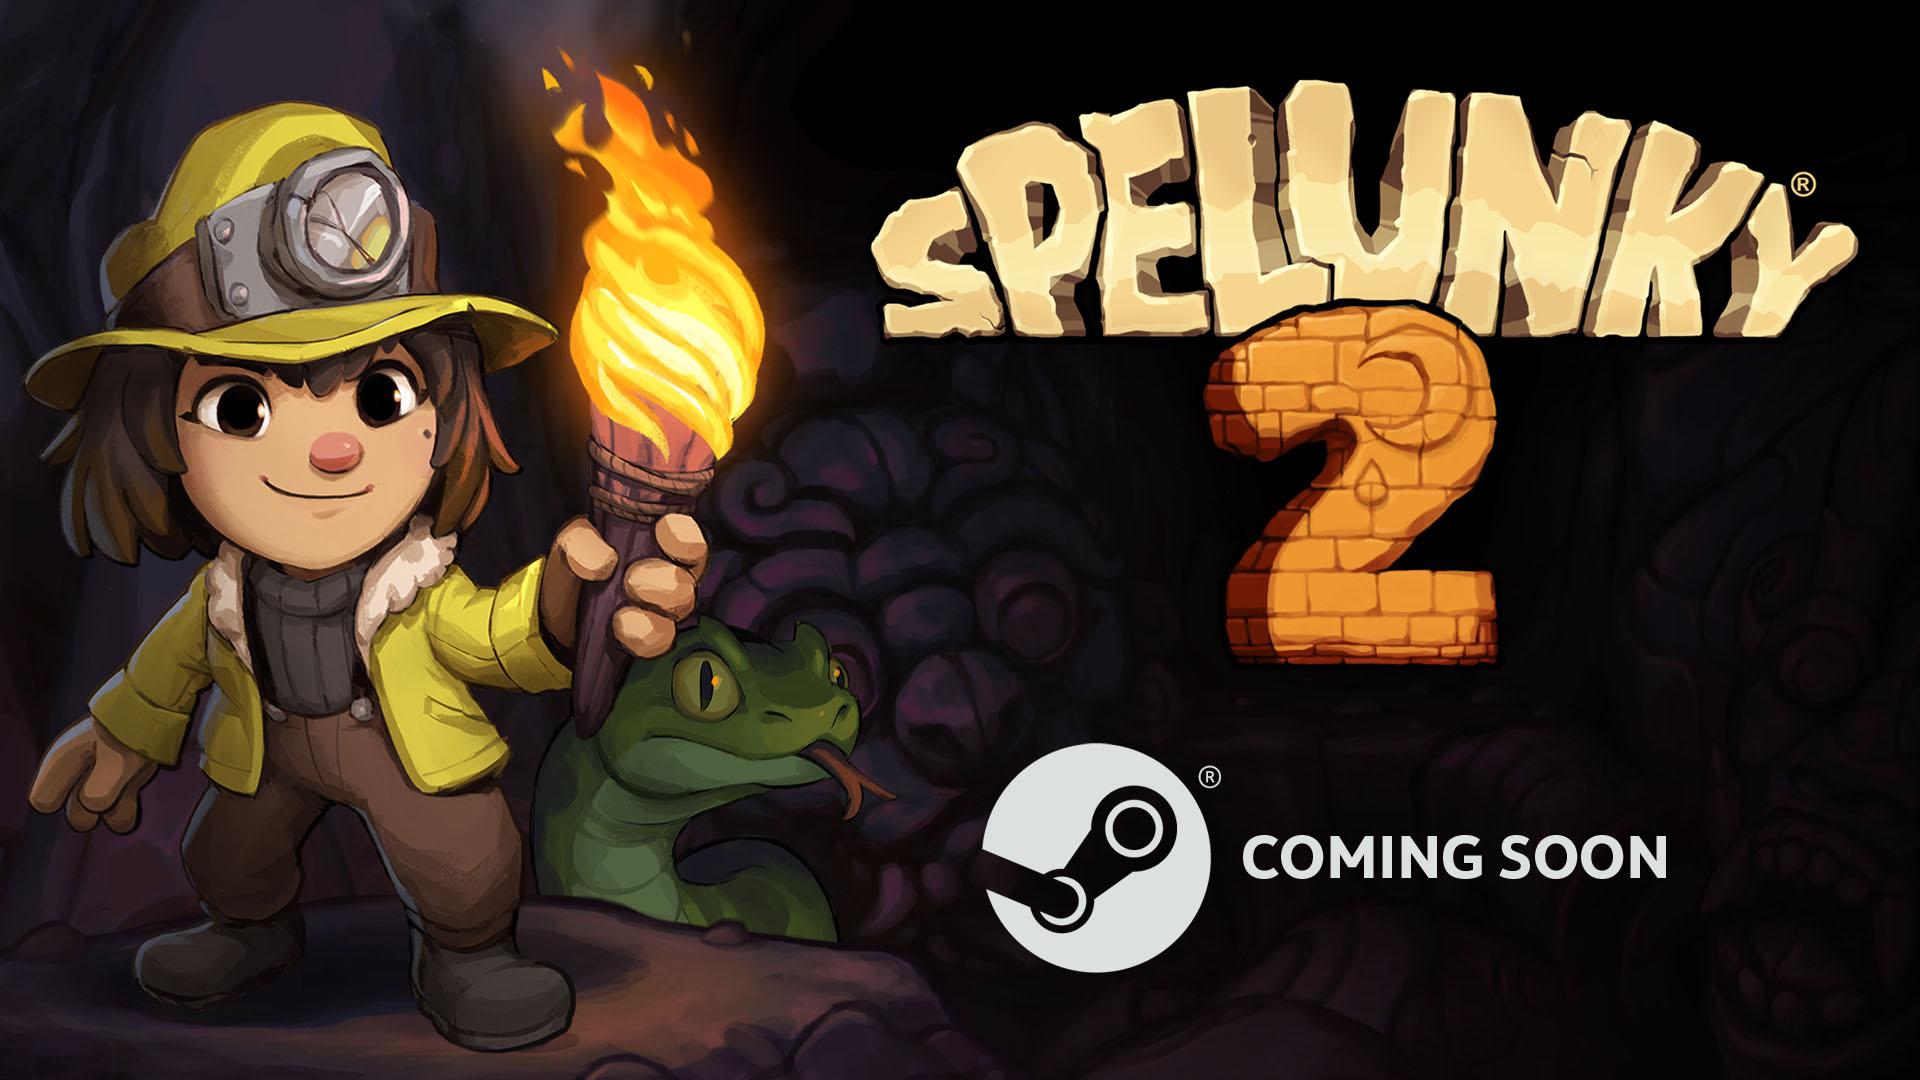 В Steam появилась страницы игры Spelunky 2